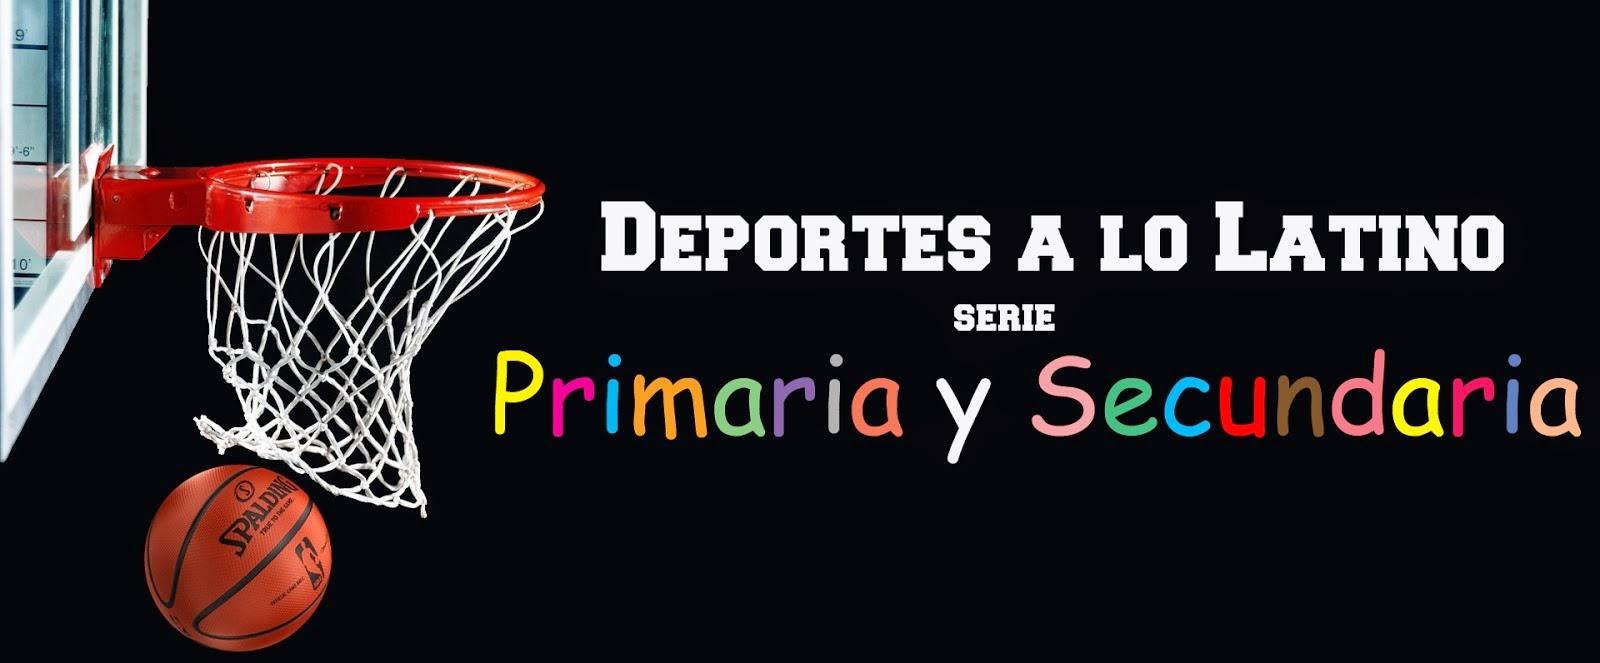 Serie Primaria y Secundaria